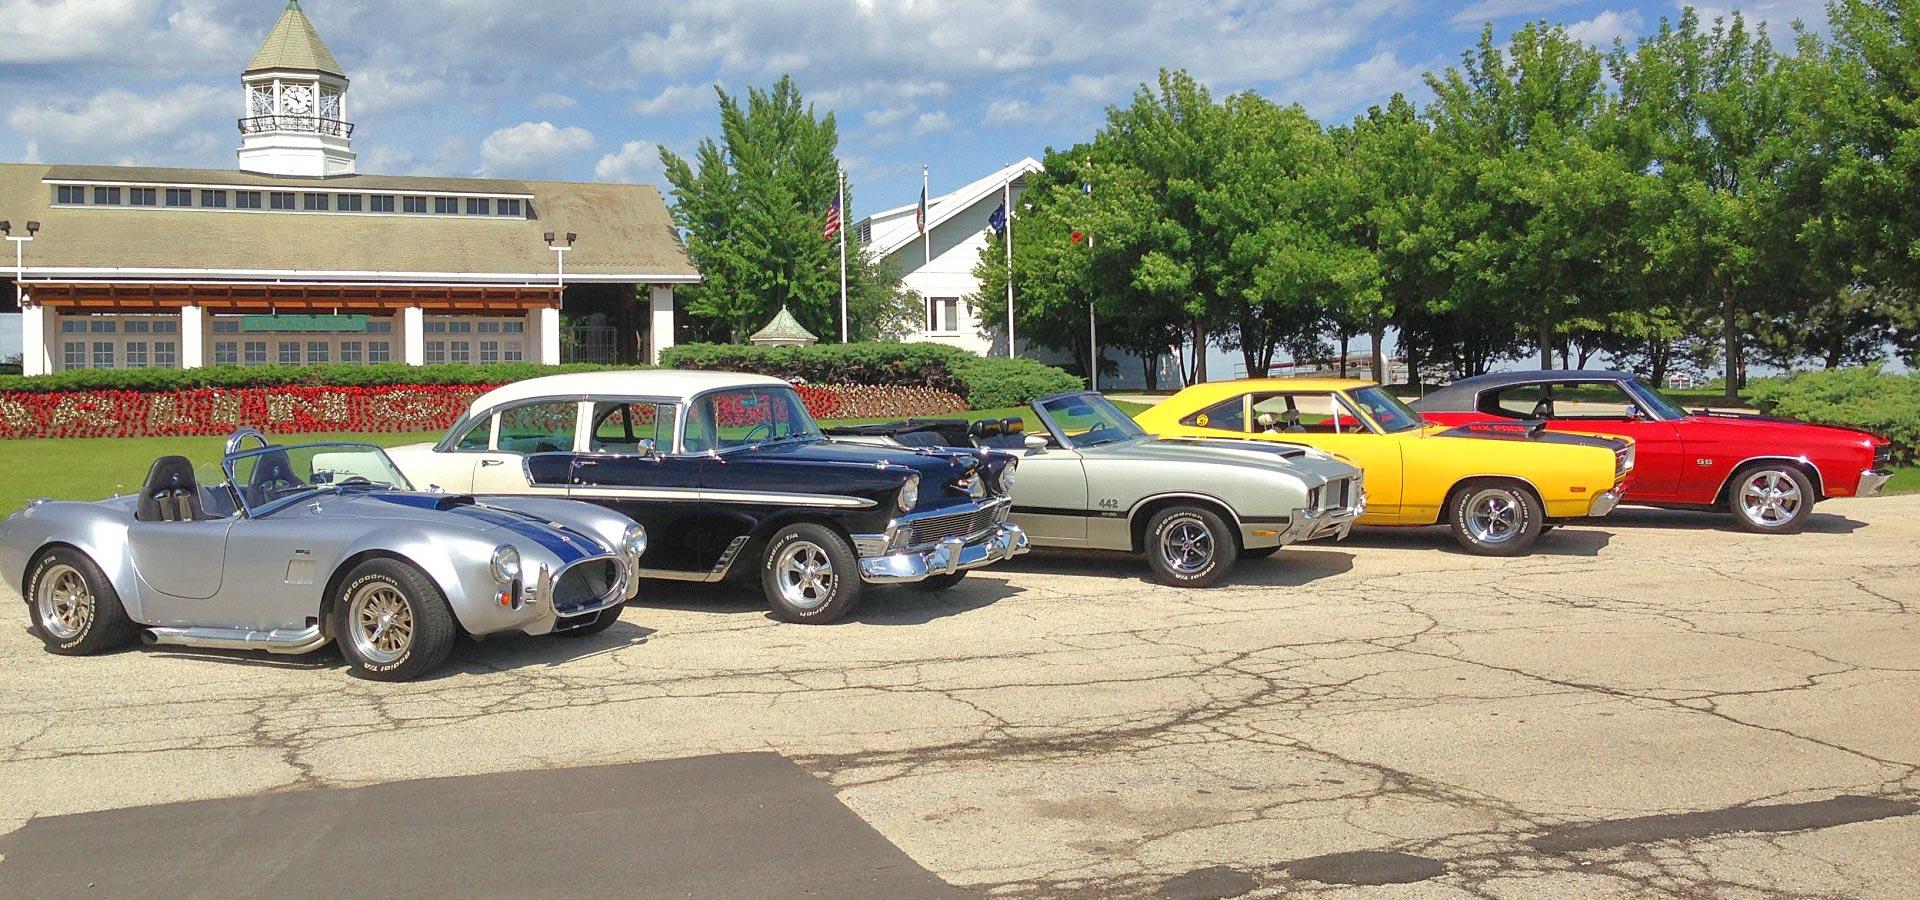 American Classic Rides, Fox River Grove, IL